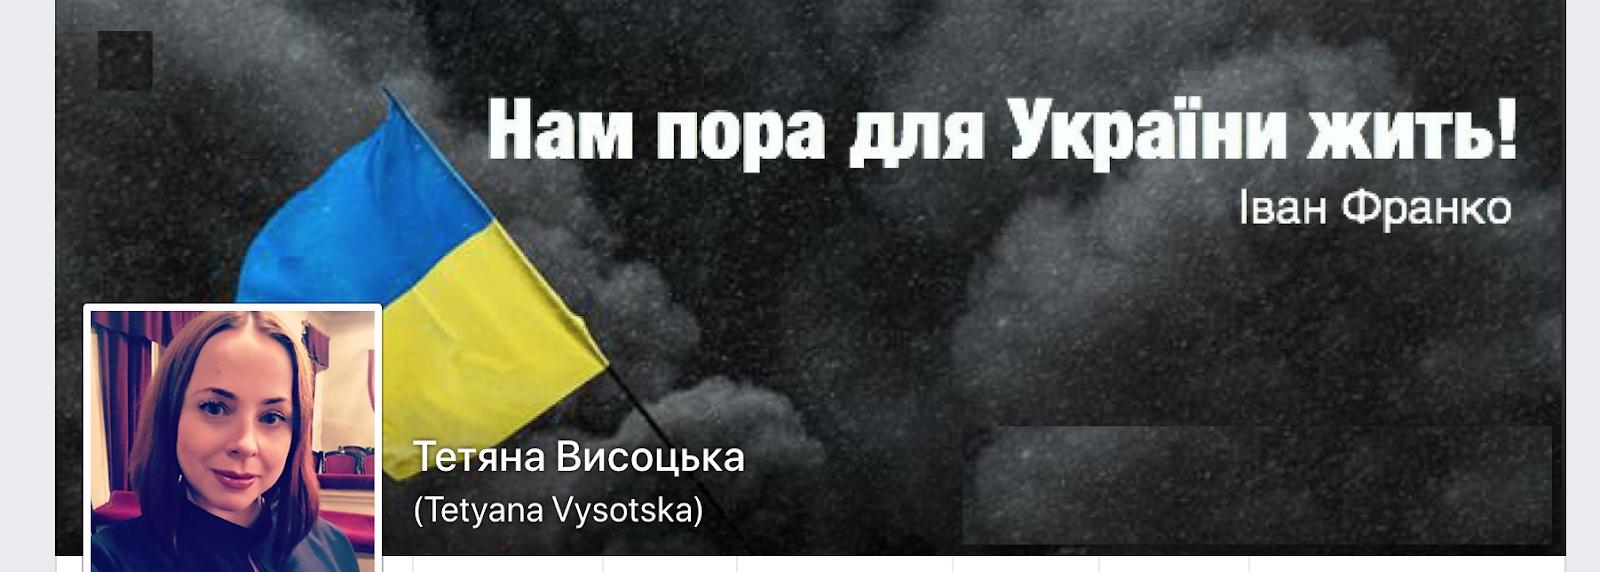 Тетяна Висоцька. Незалежний журналіст